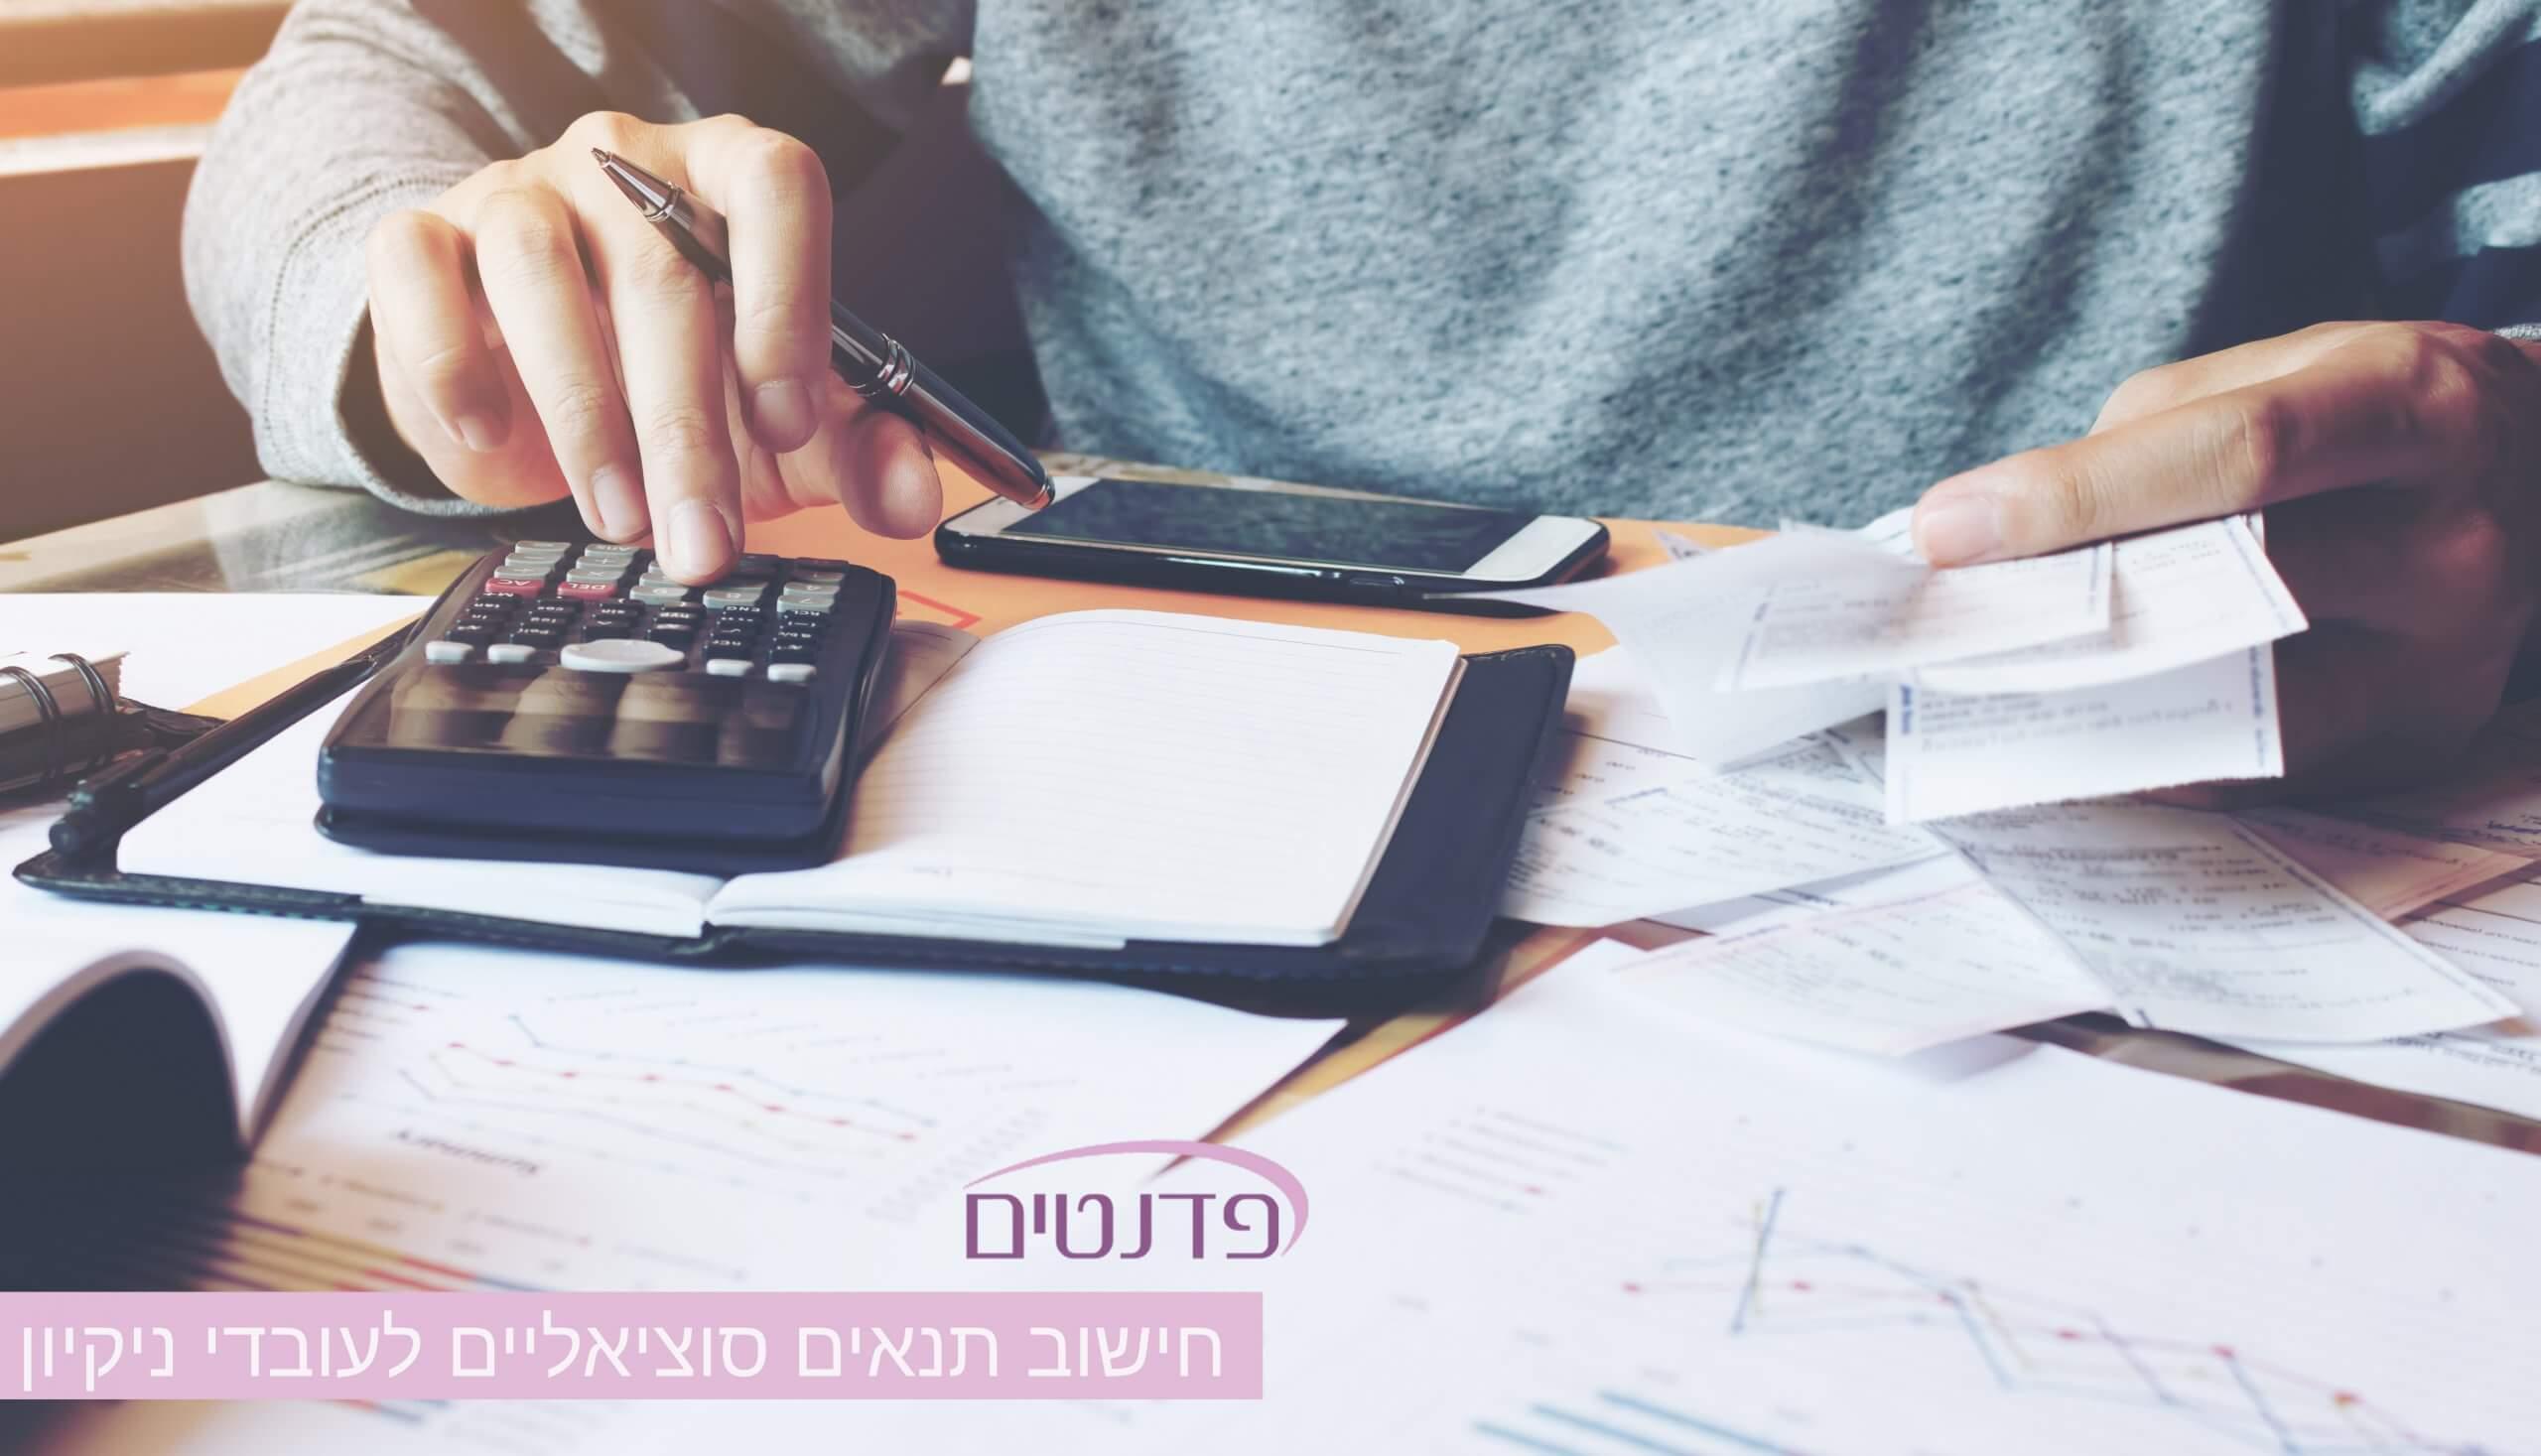 4 הבדלים מרכזיים בין השכר החוקי של עובדי חברת ניקיון לעובדים רגילים